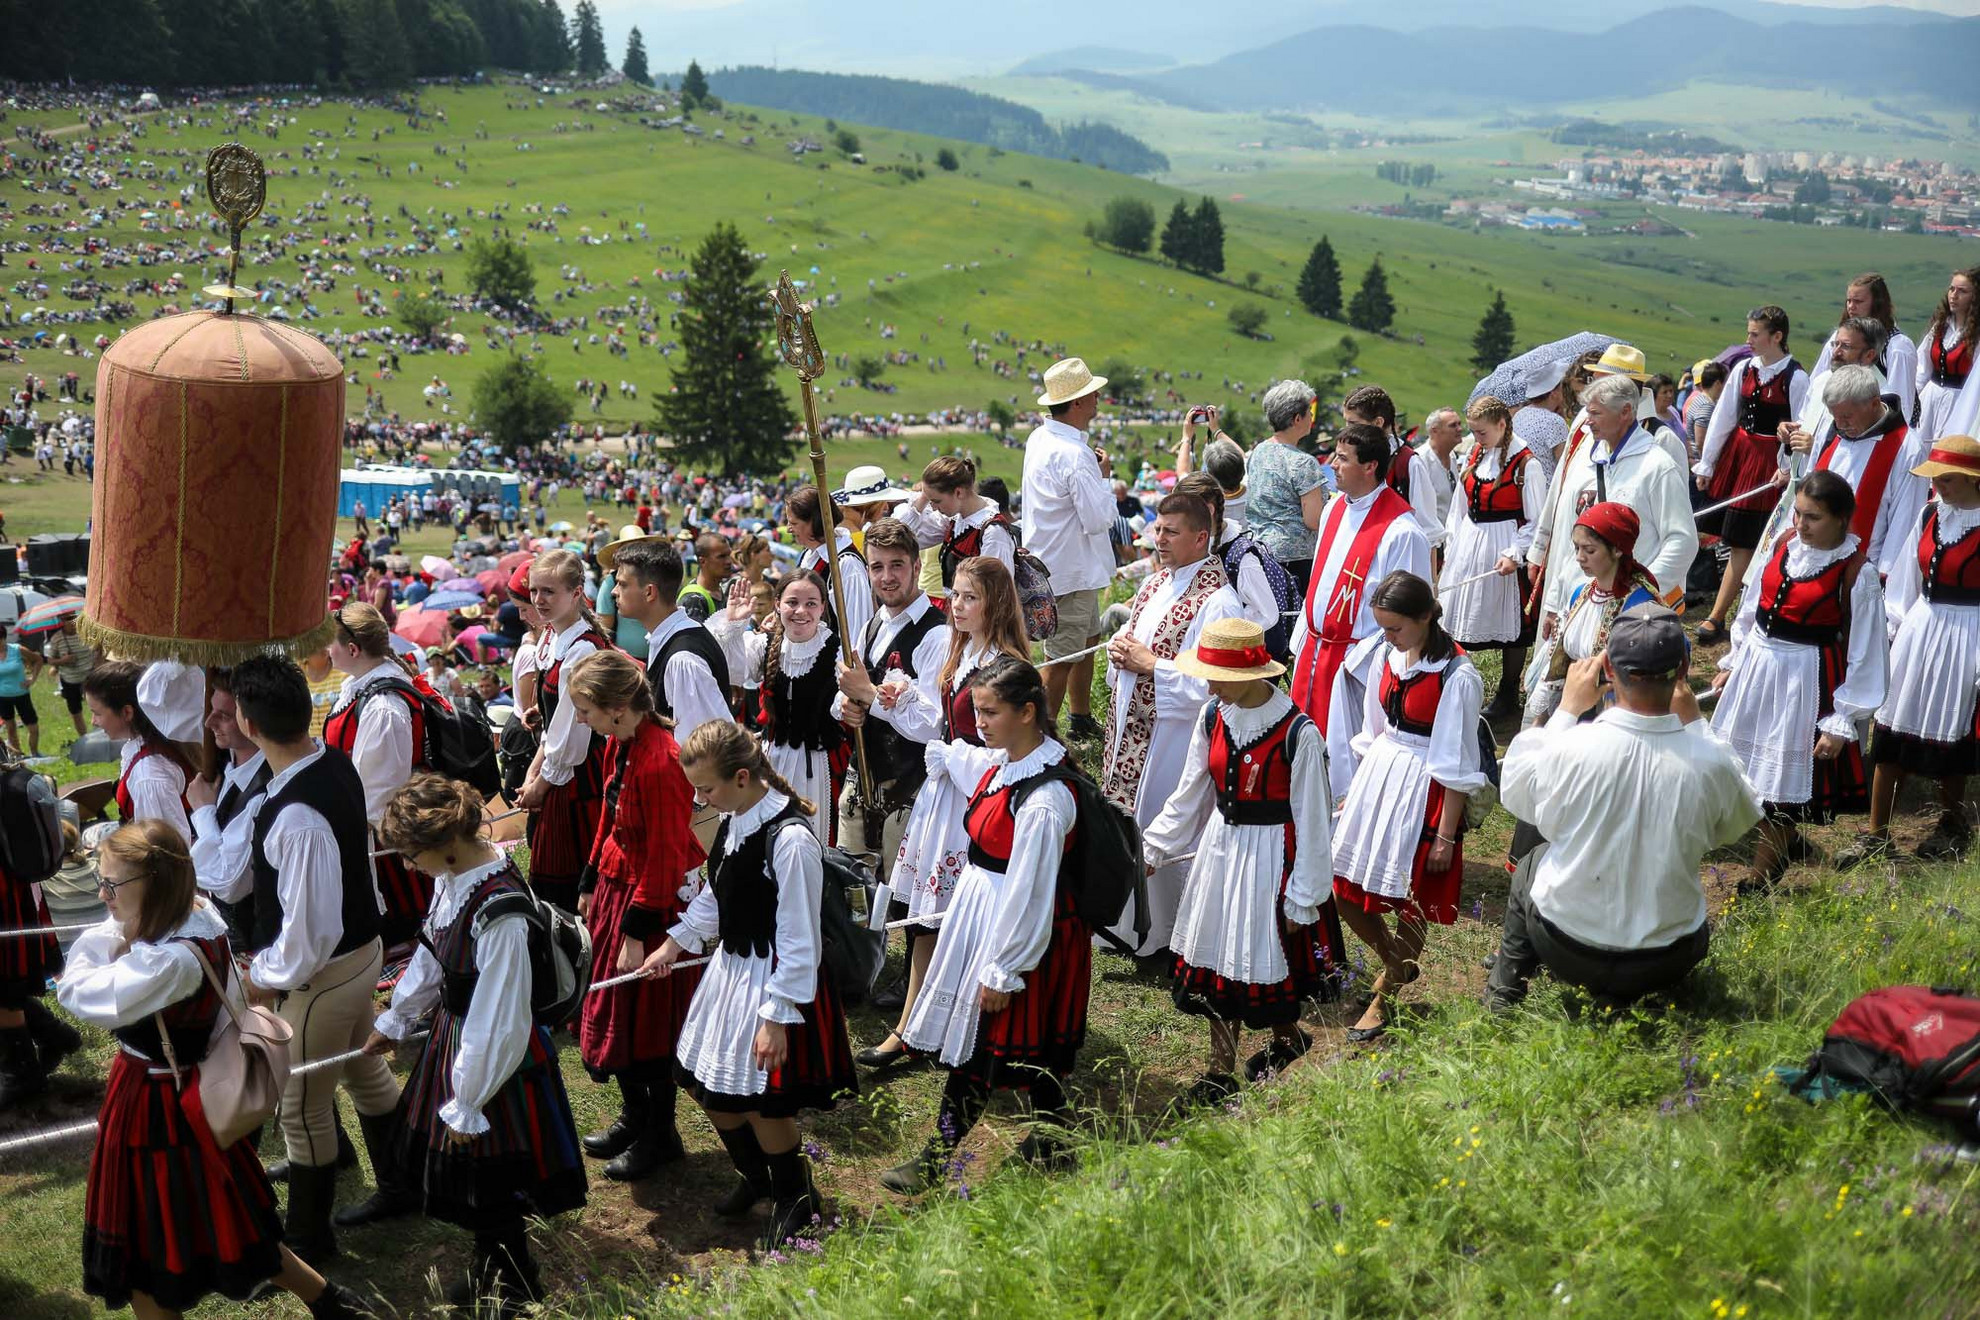 A csíksomlyói búcsúval is bővült a Hungarikumok Gyűjteménye